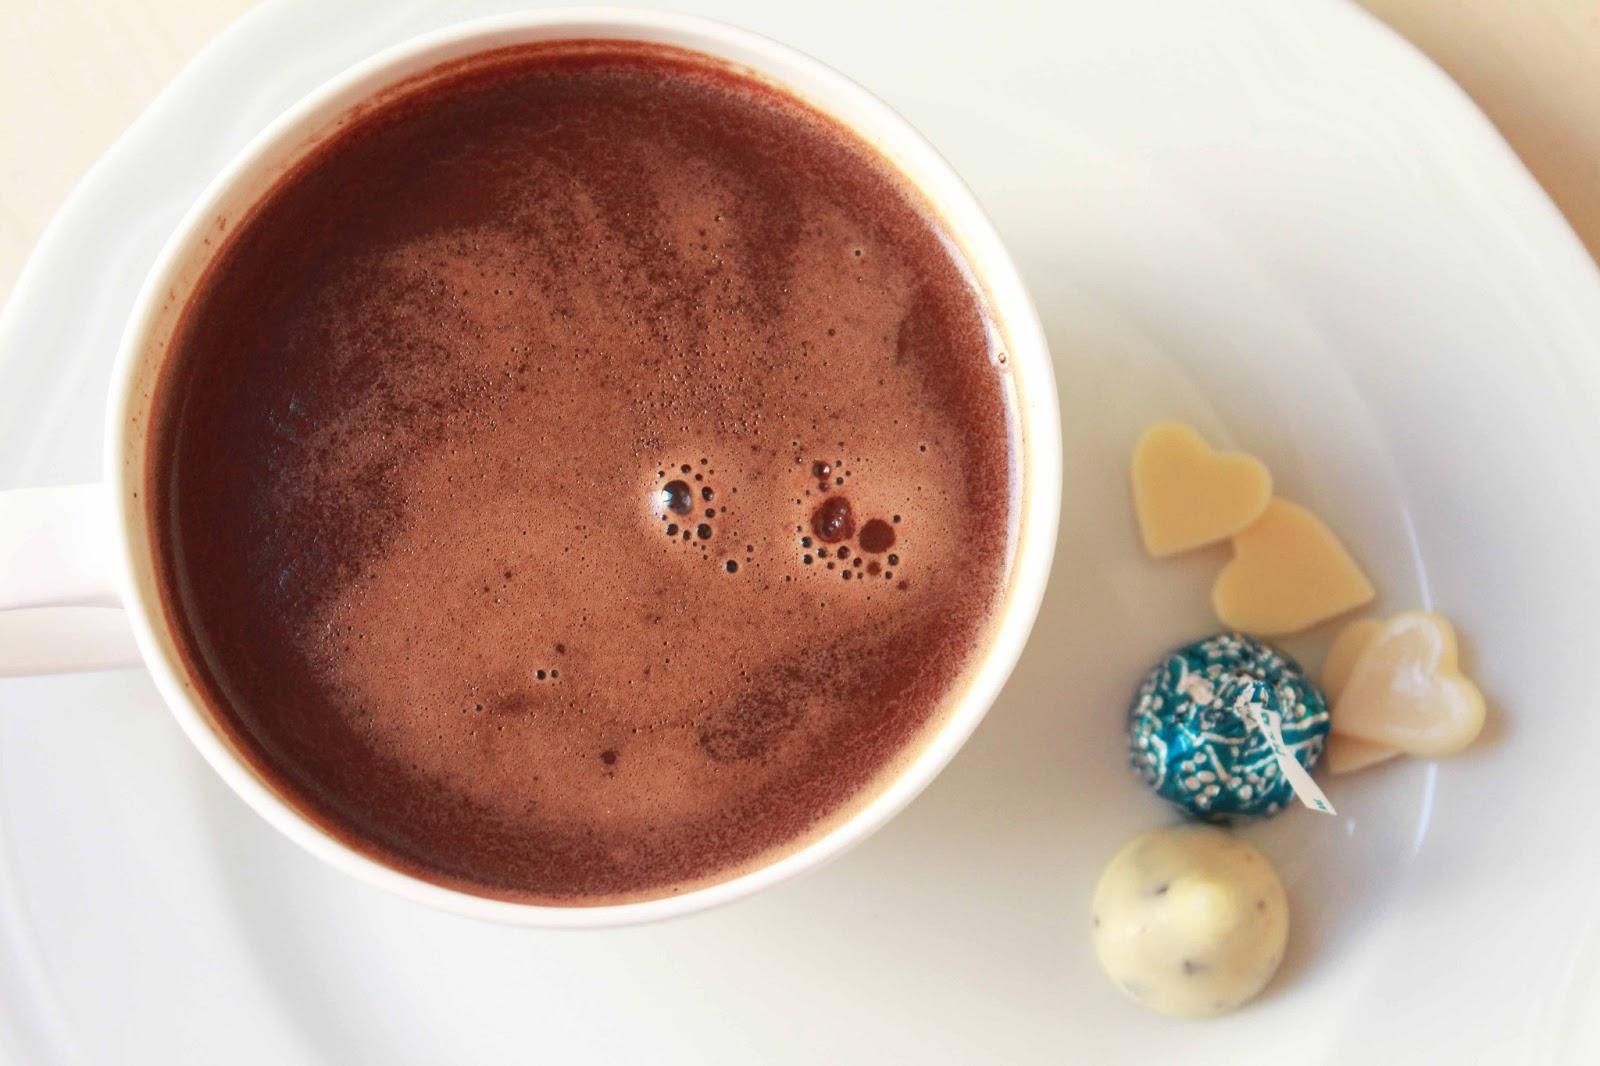 Sıcak Çikolata Nasıl Hazırlanır